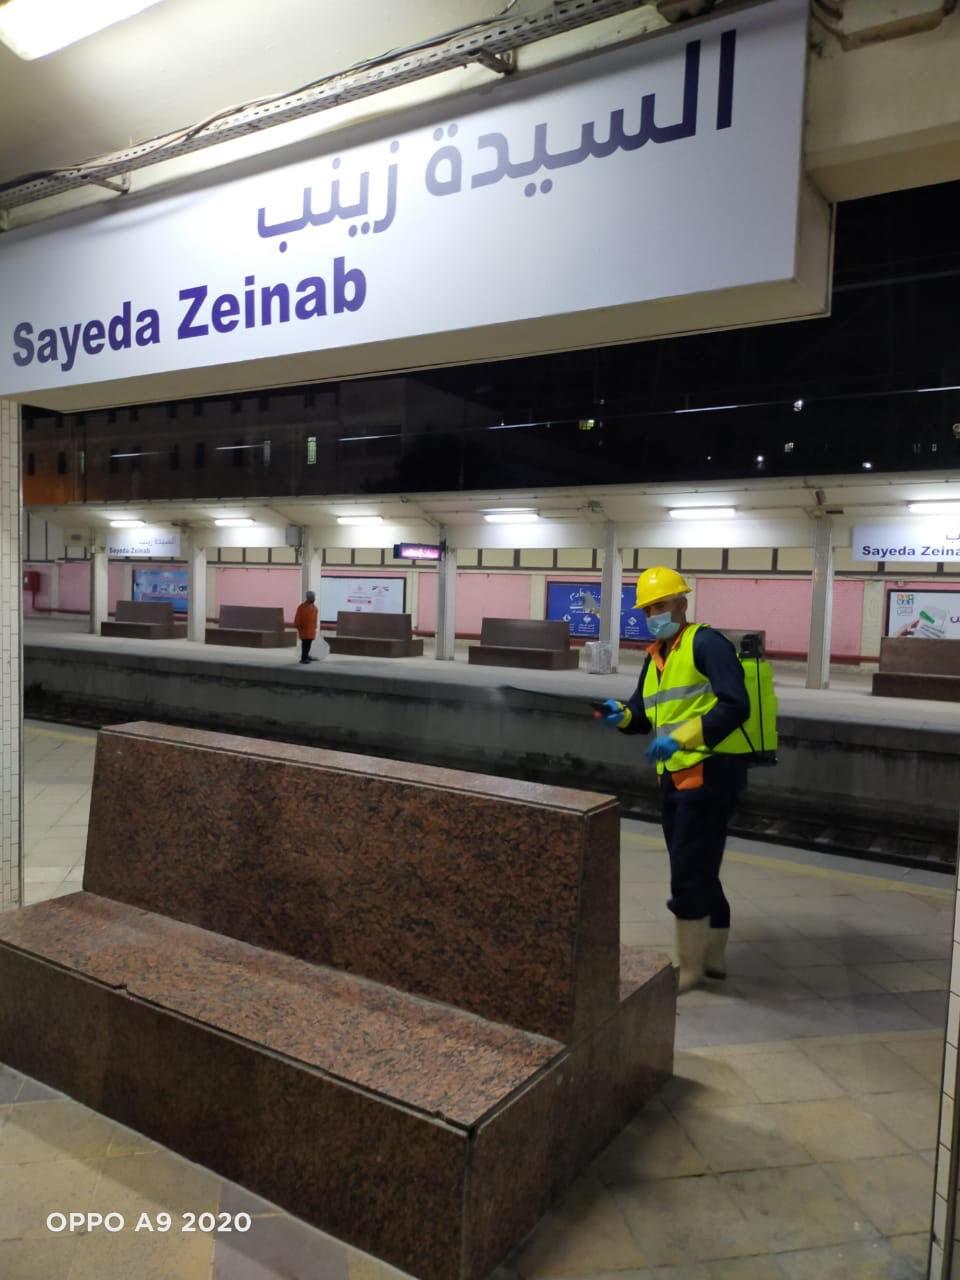 المترو يواصل أعمال تعقيم وتطهير القطارات والمحطات ضد كورونا (21)